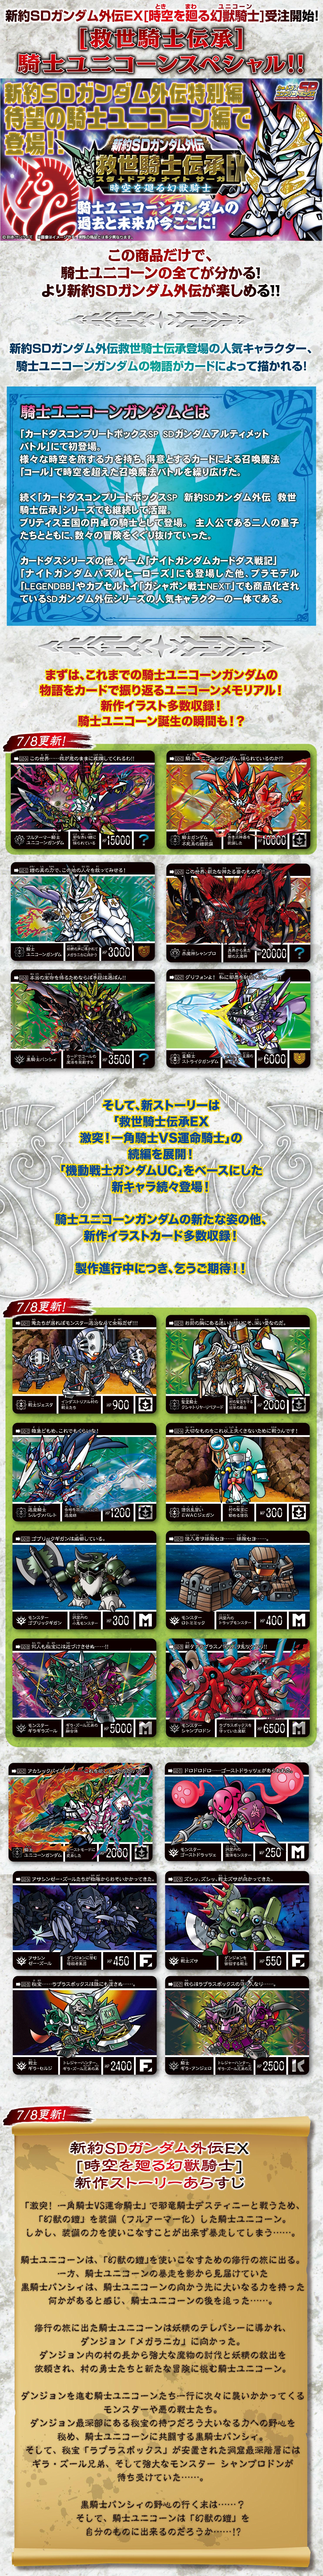 新約SDガンダム外伝 救世騎士伝承EX 時空を廻る幻獣騎士